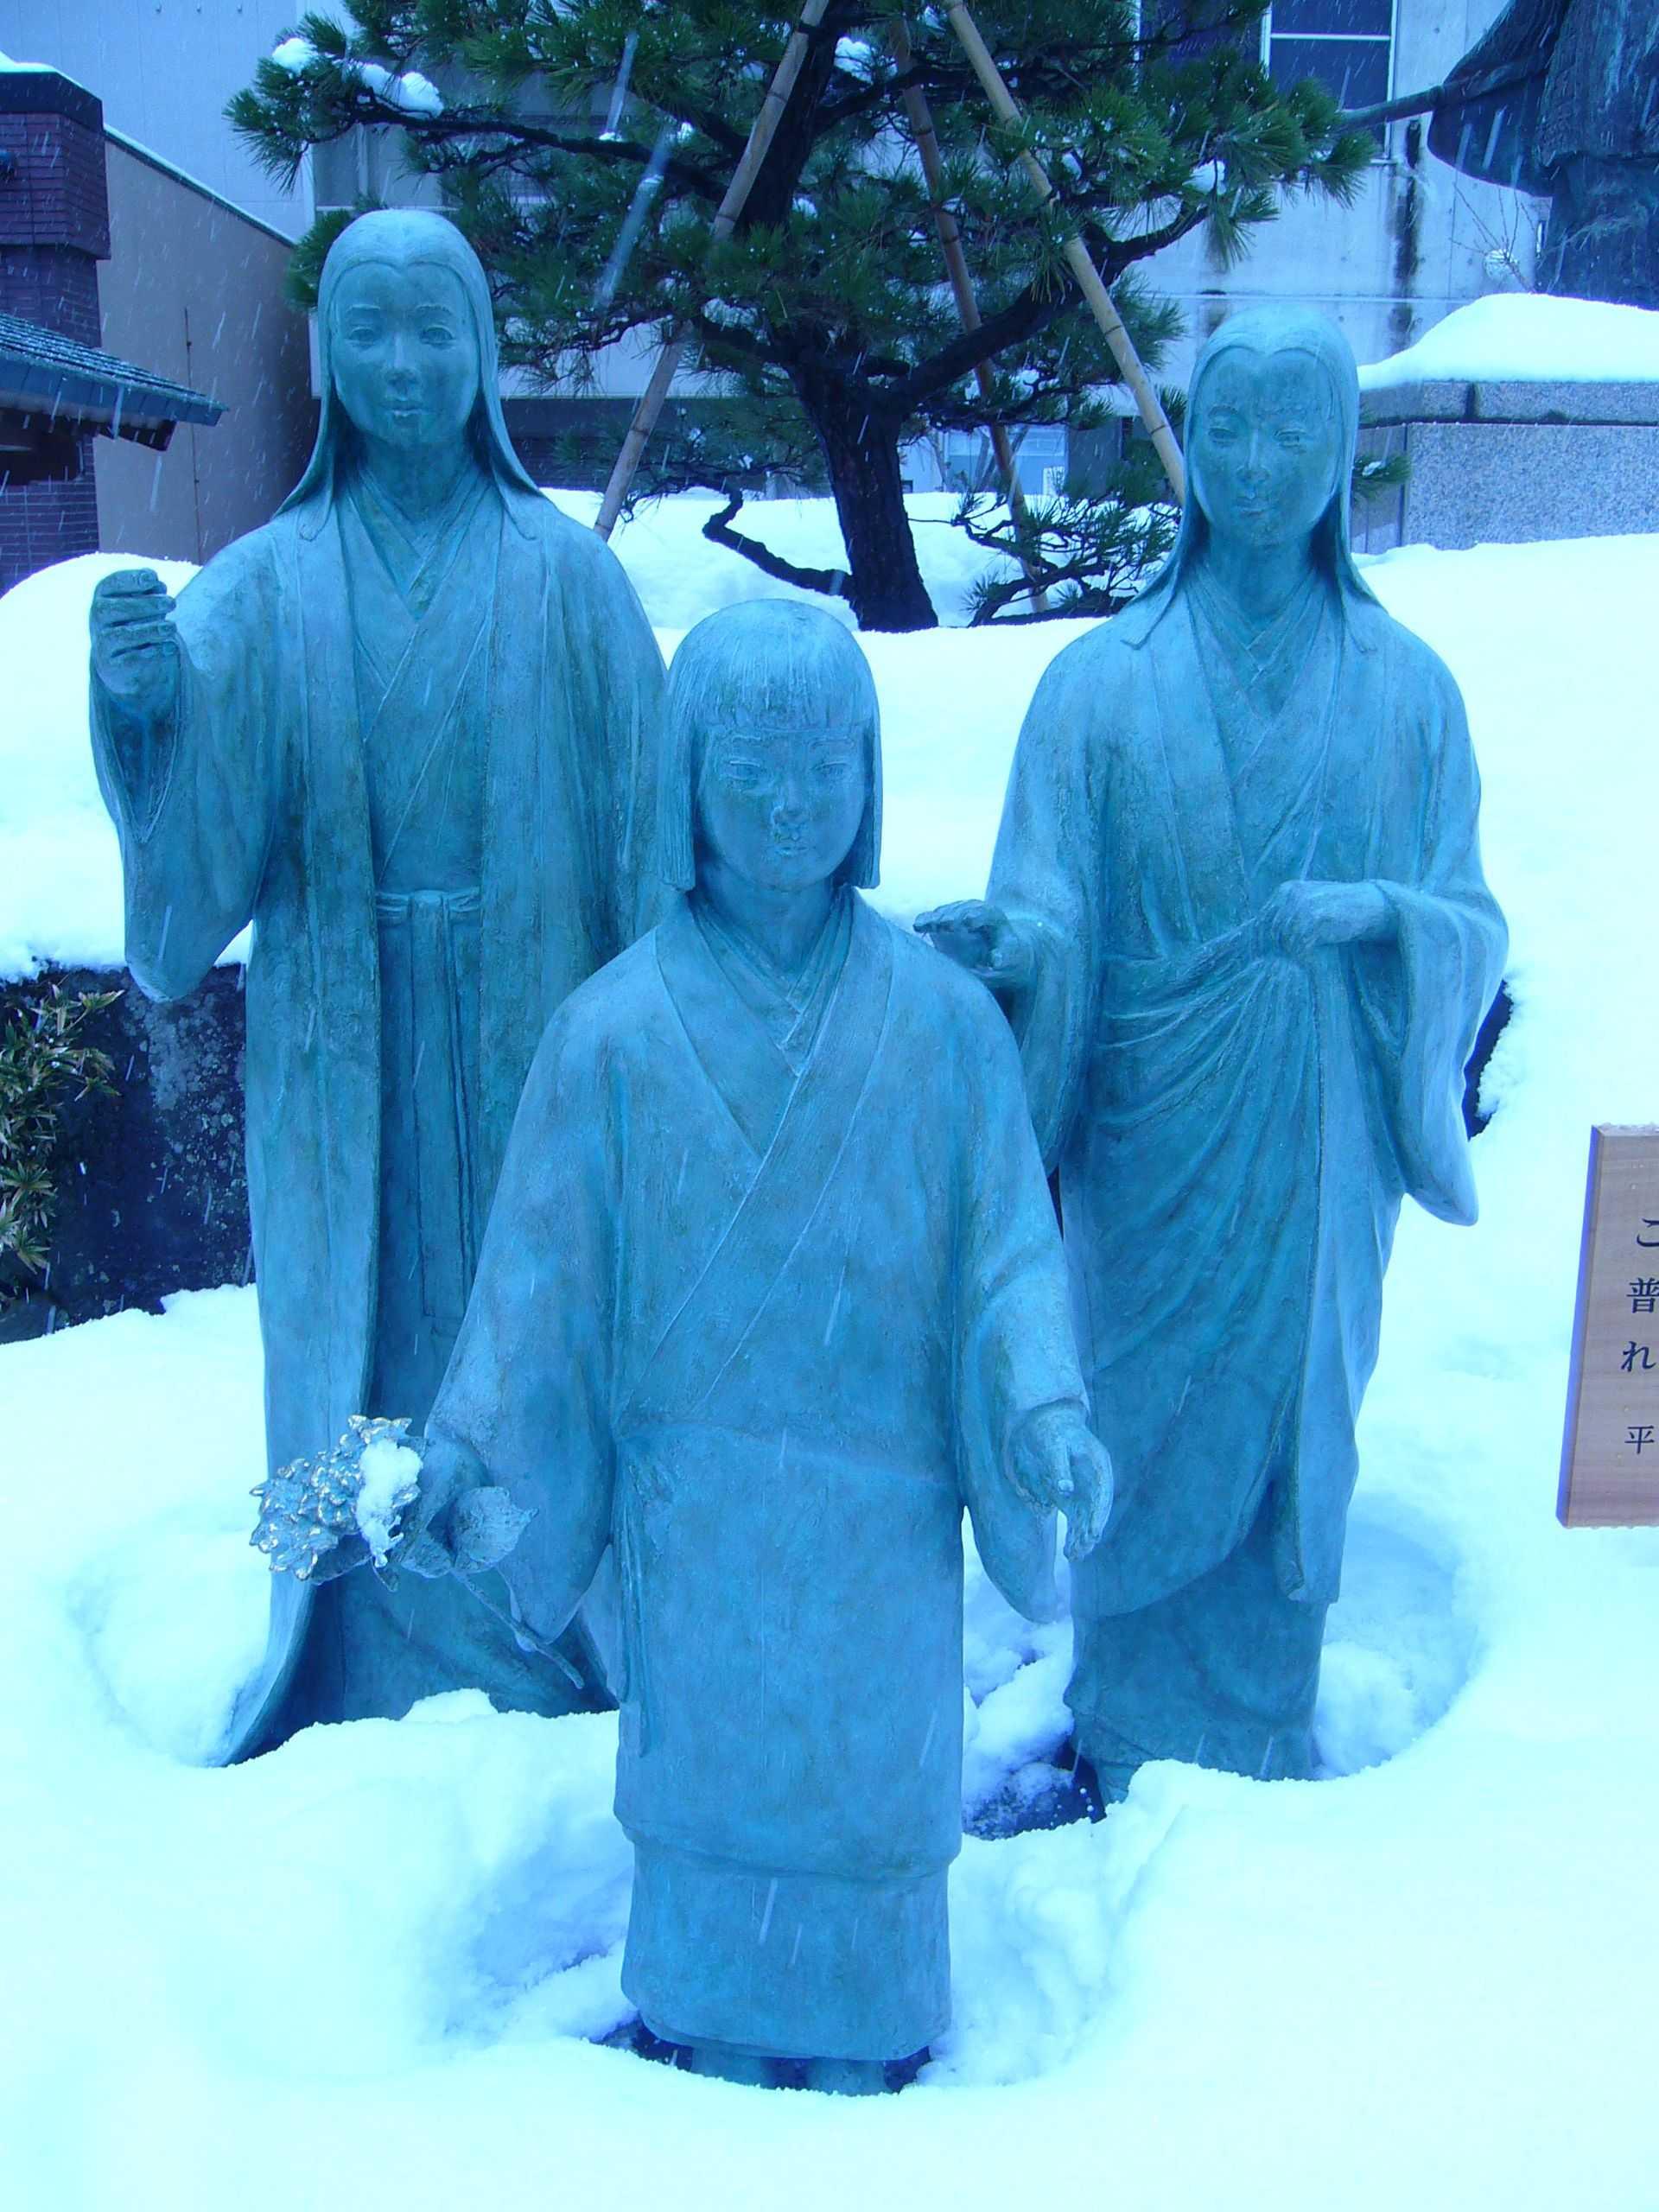 柴田神社浅井三姉妹像